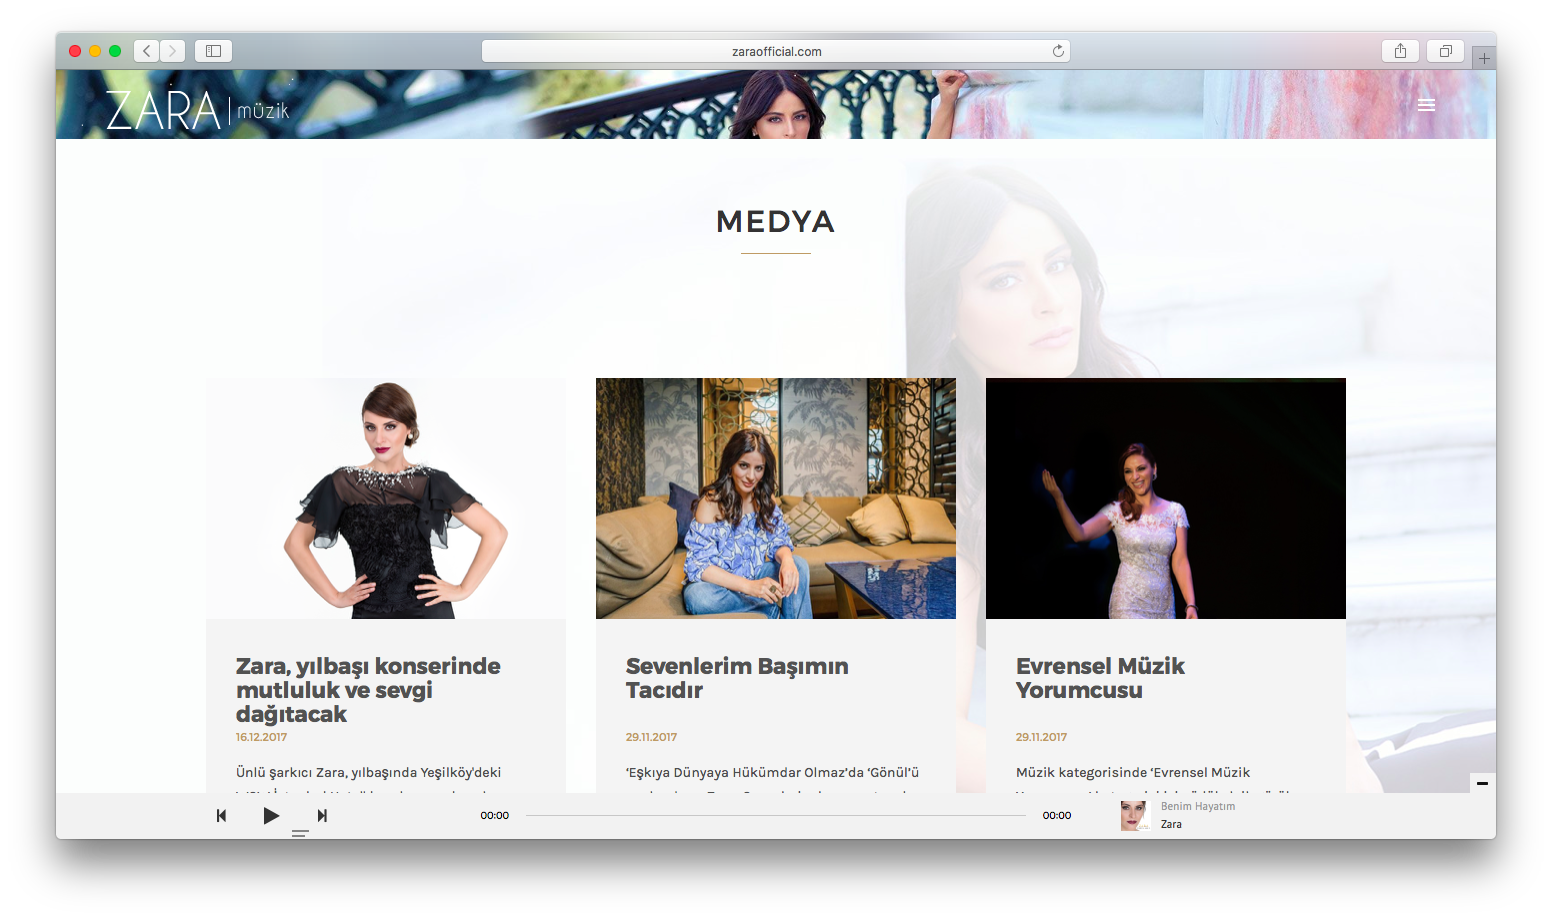 Sanatçı Zara'nın Kişisel Web Sitesini Yeniledik